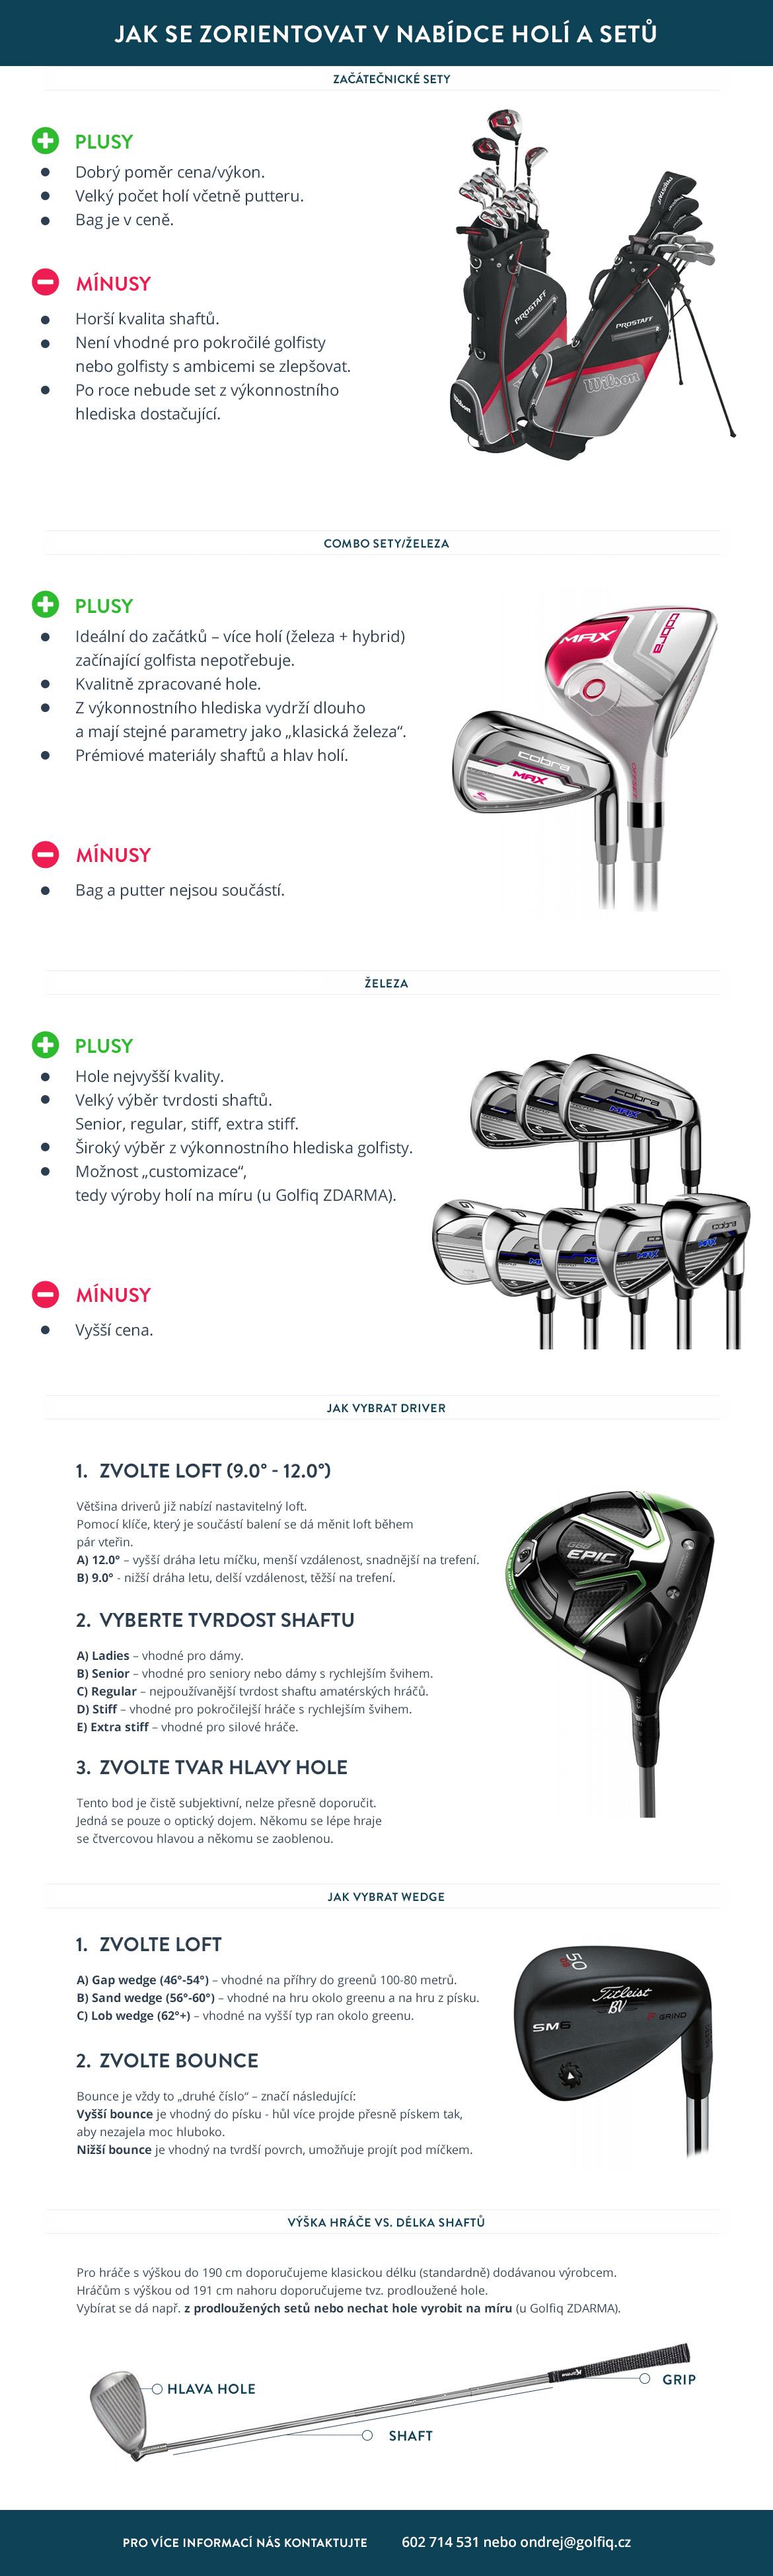 Jak vybrat golfové hole